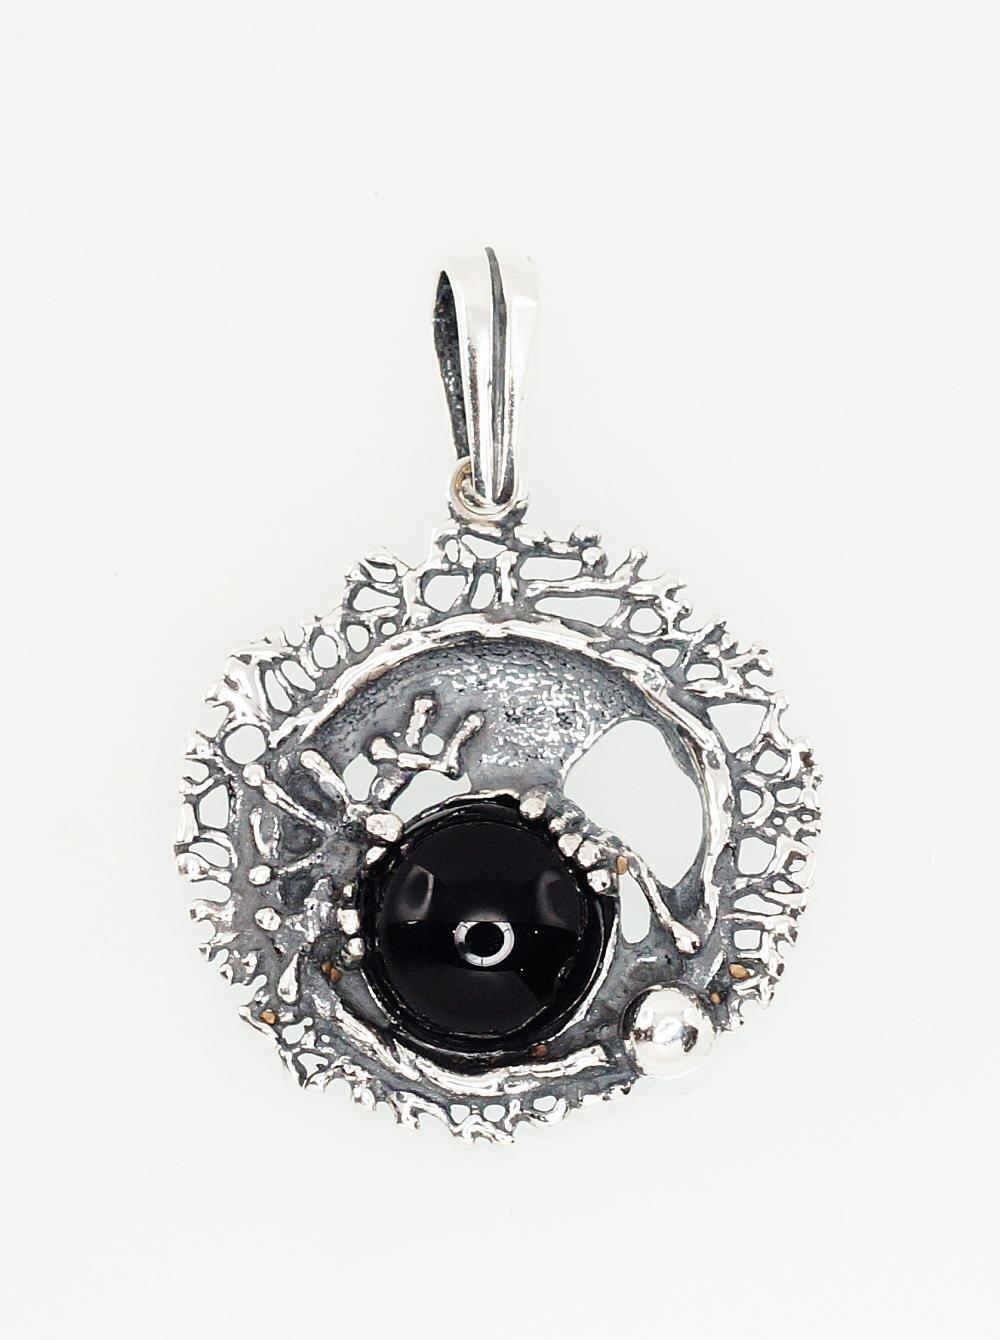 Sidabrinis moteriškas žiedas Modelis ADUM#2301306(POx-Bk)_ON-2